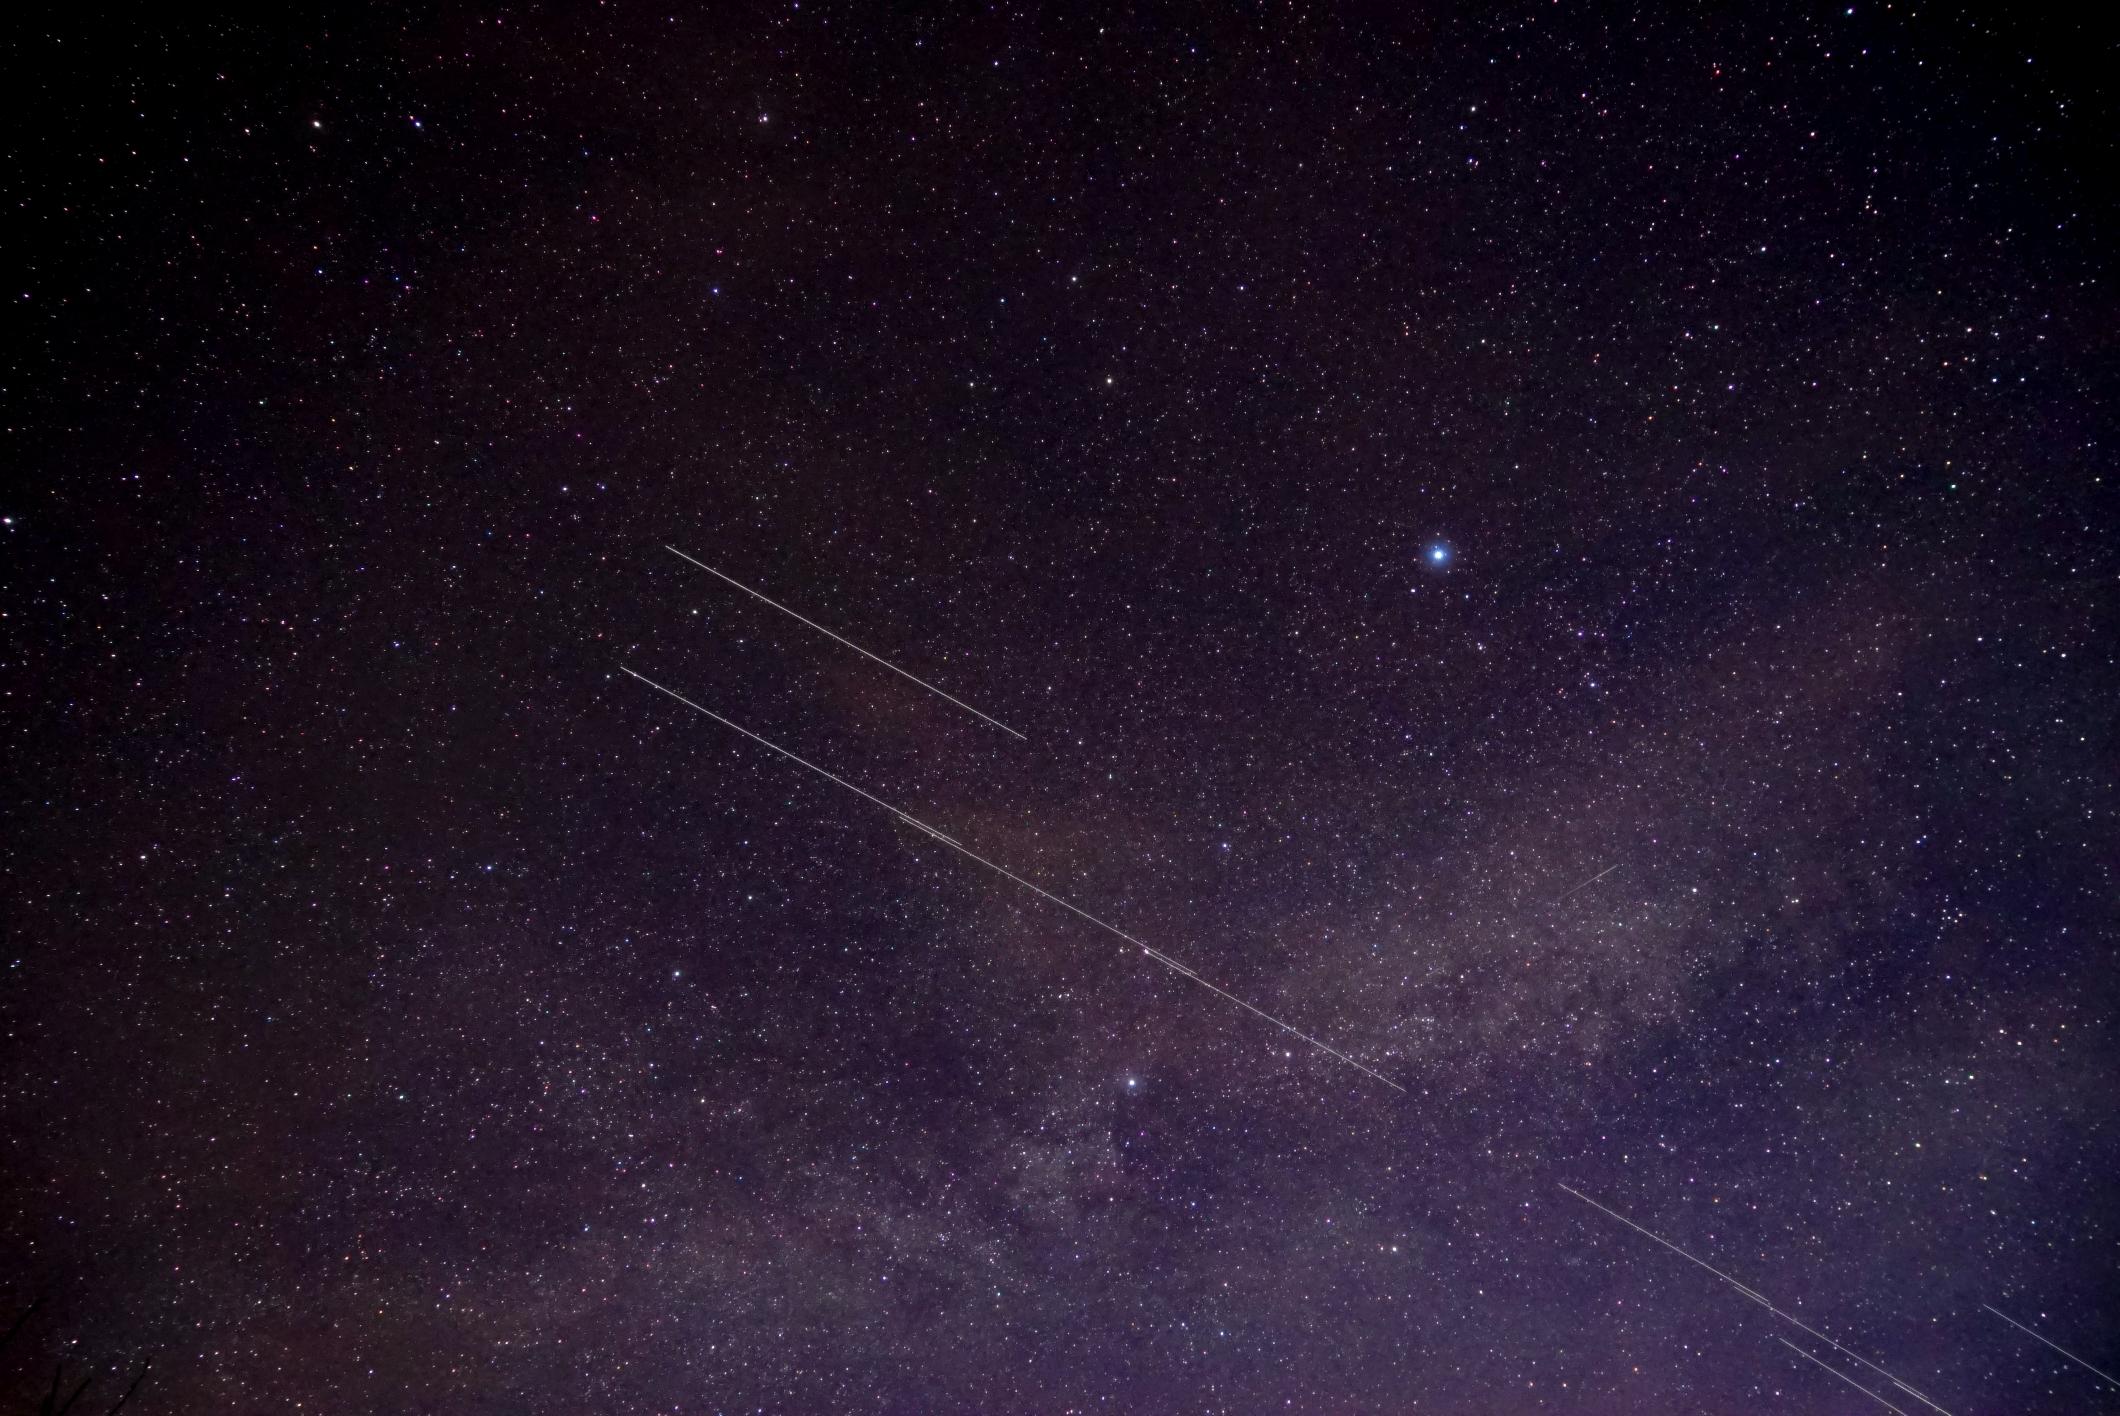 starlink3-aubette-220220-5h26m16-24mmf4b